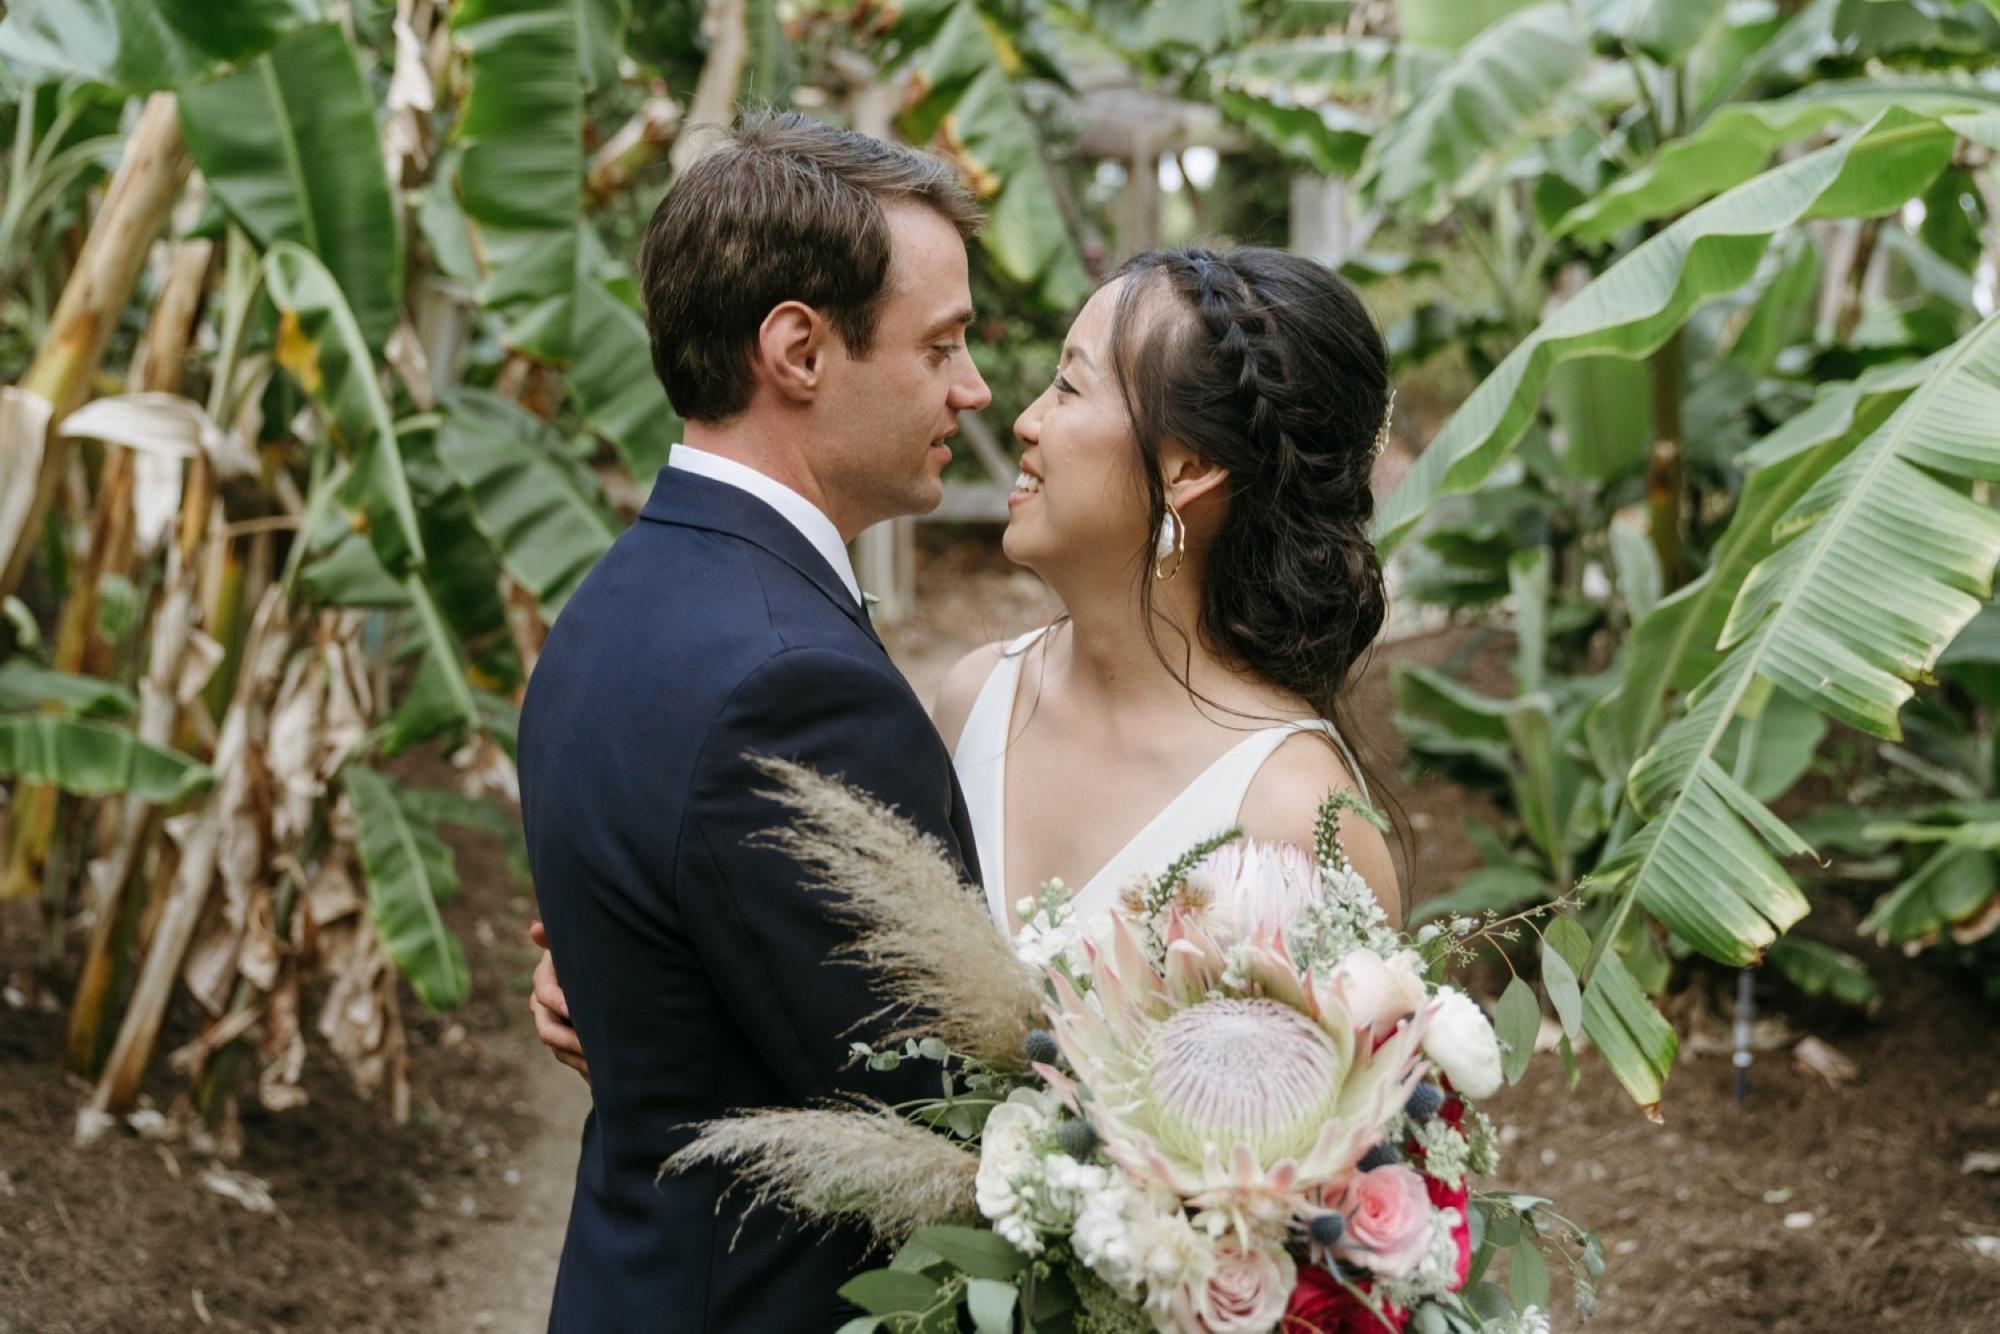 077_Shawna and Steve's Wedding-507.jpg